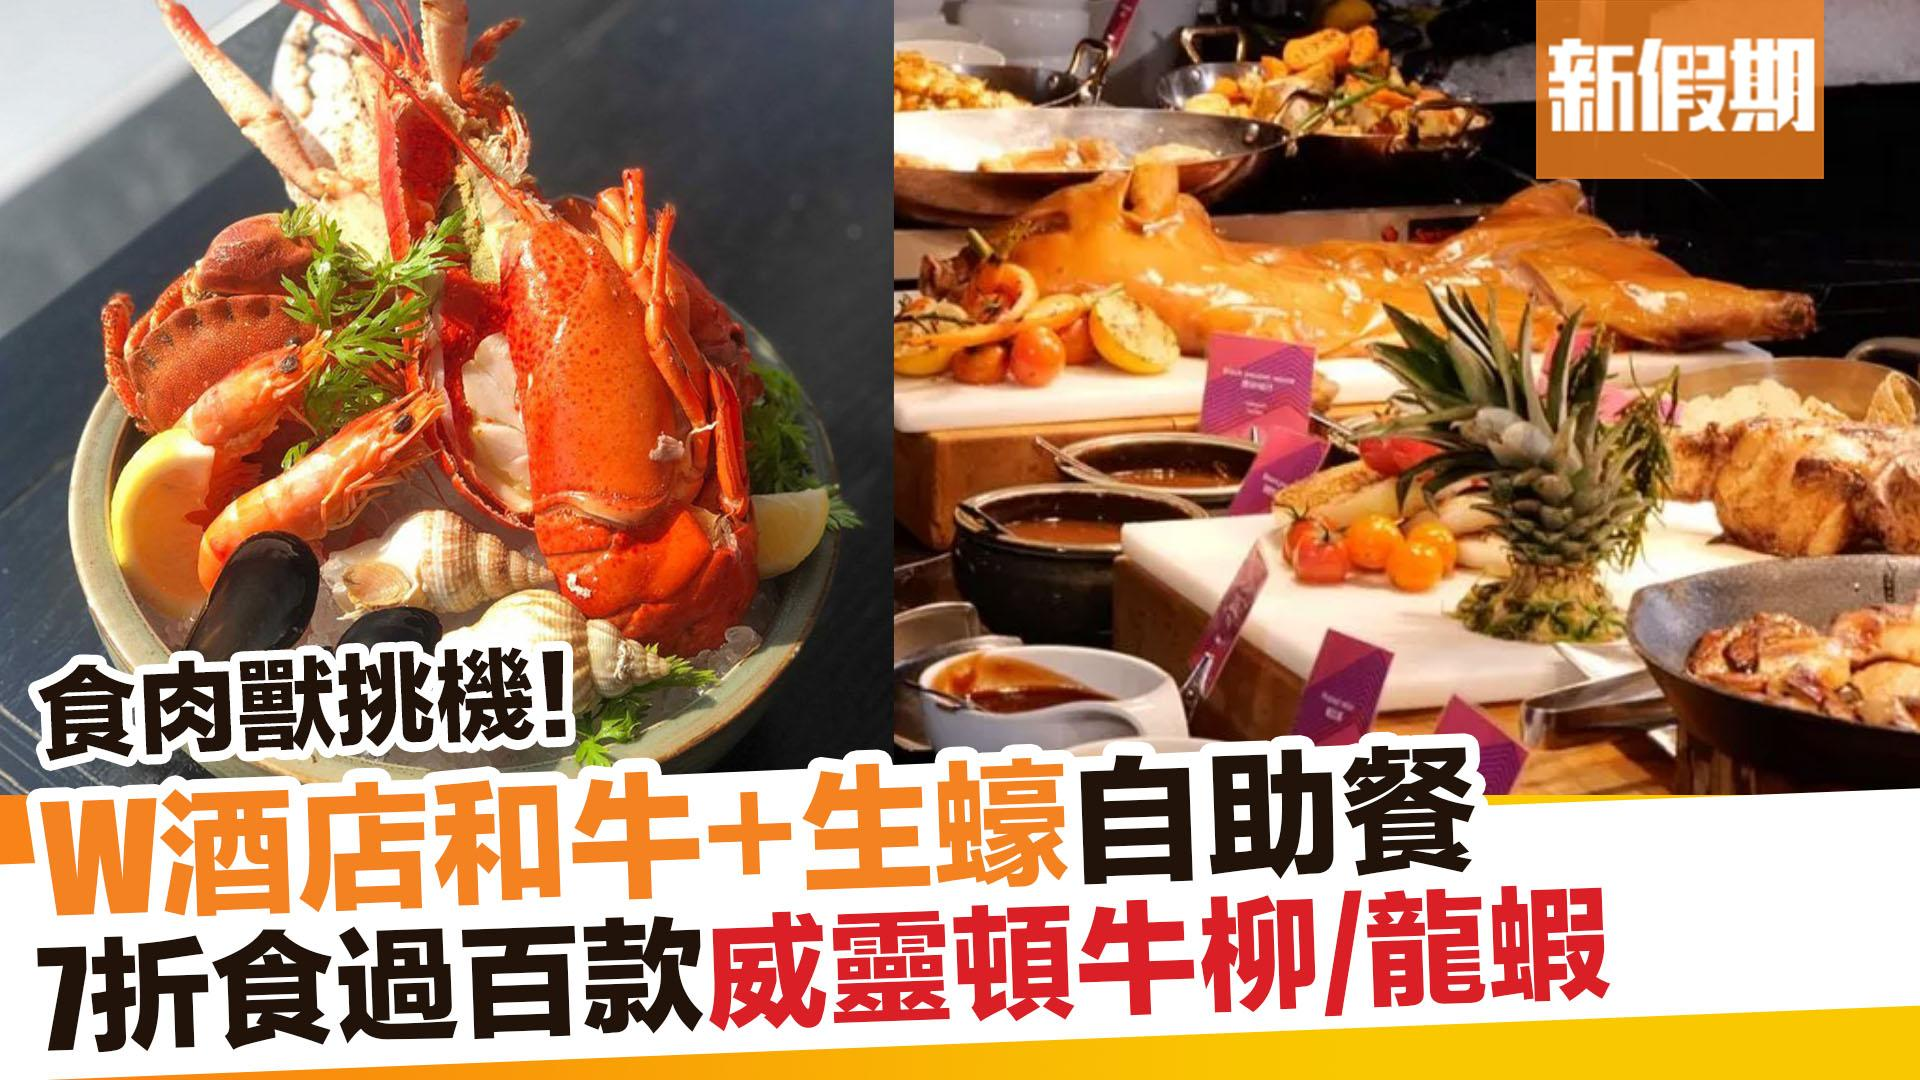 【自助餐我要】即睇Buffet Twins試食W酒店自助餐!|新假期